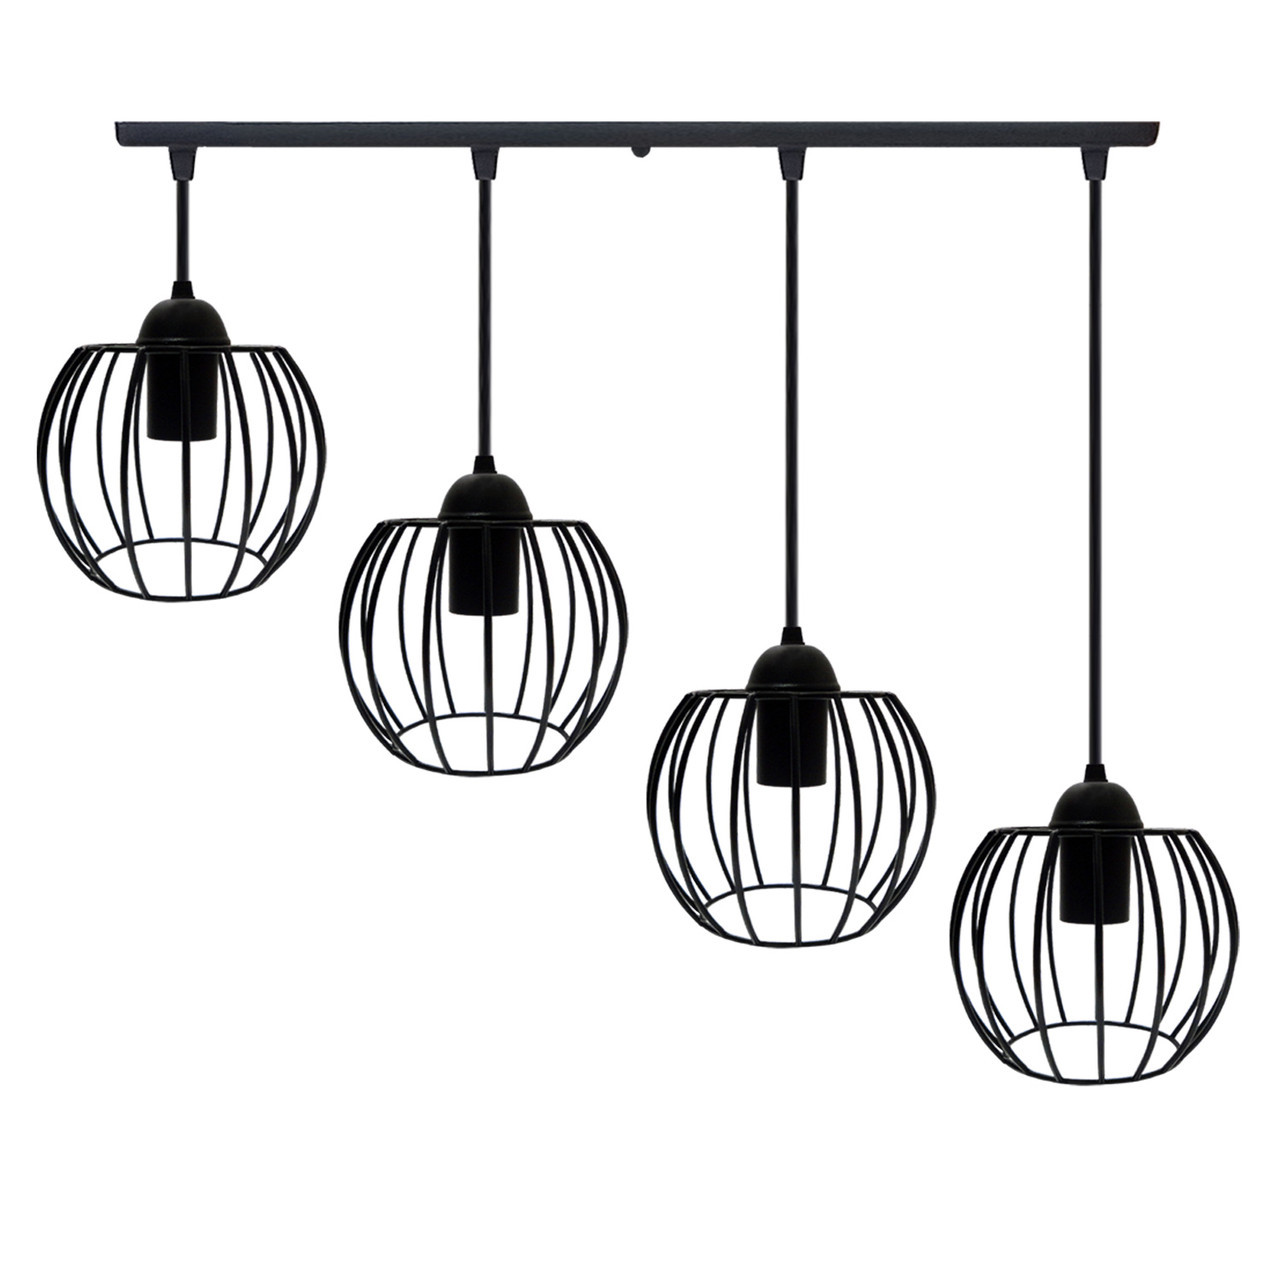 """Подвесной металлический светильник, современный стиль  """"BARREL-4"""" Е27  черный цвет"""